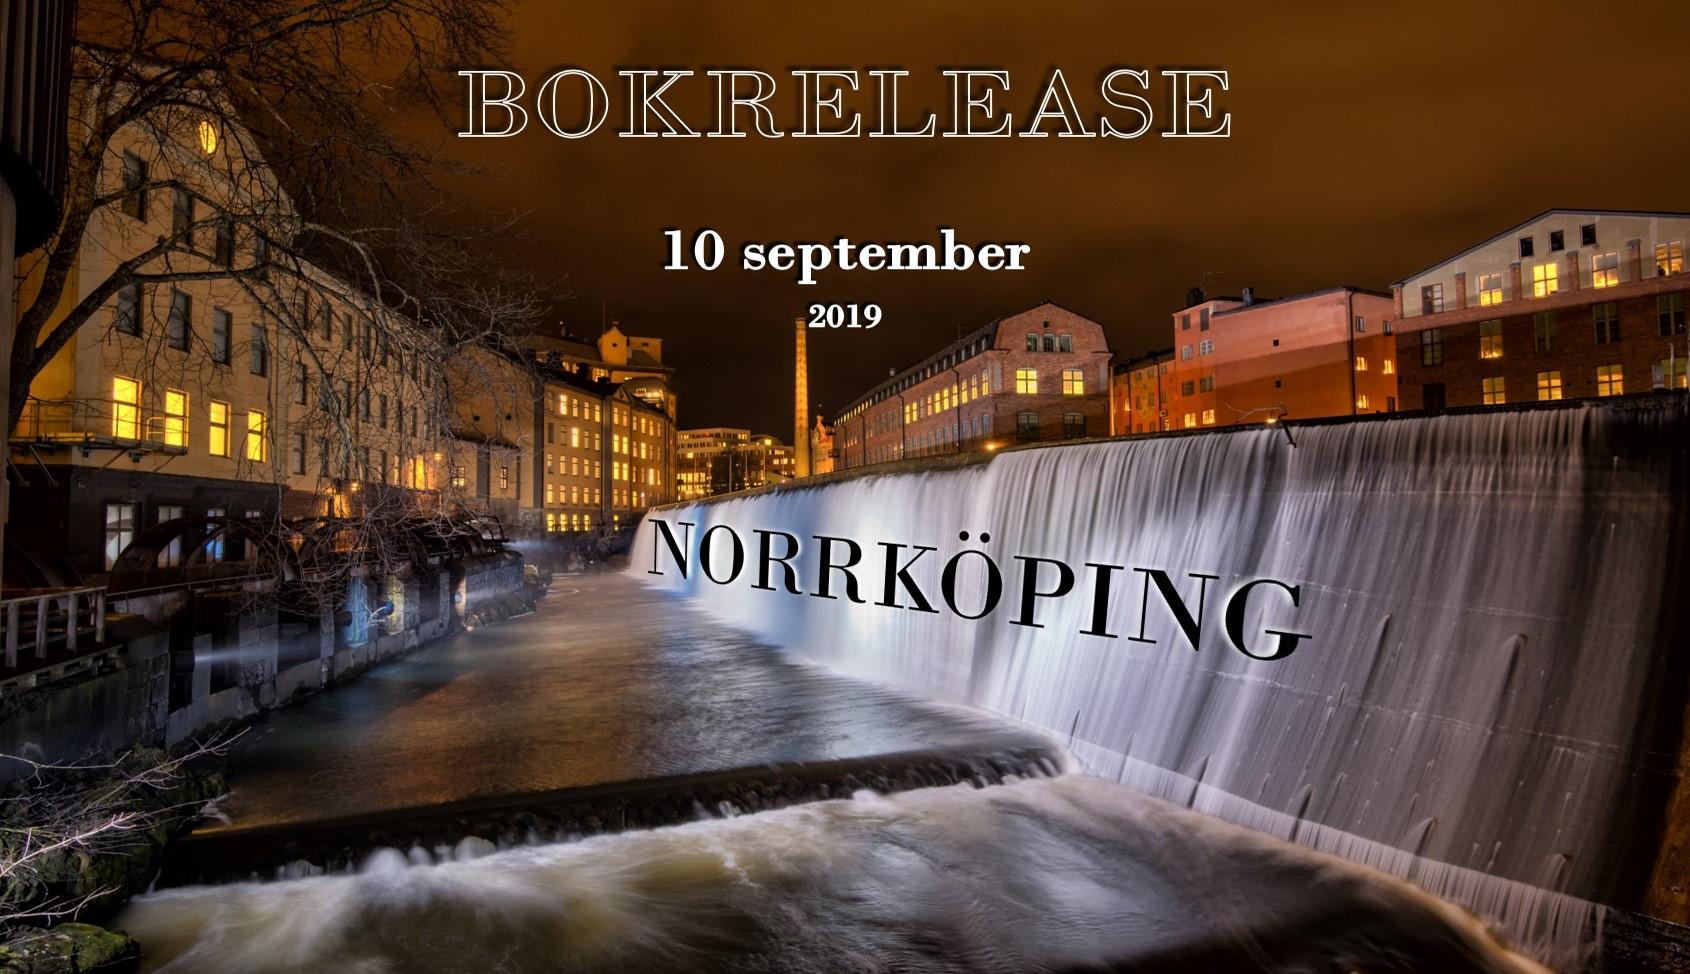 NORRKPING 10 septemberjpg